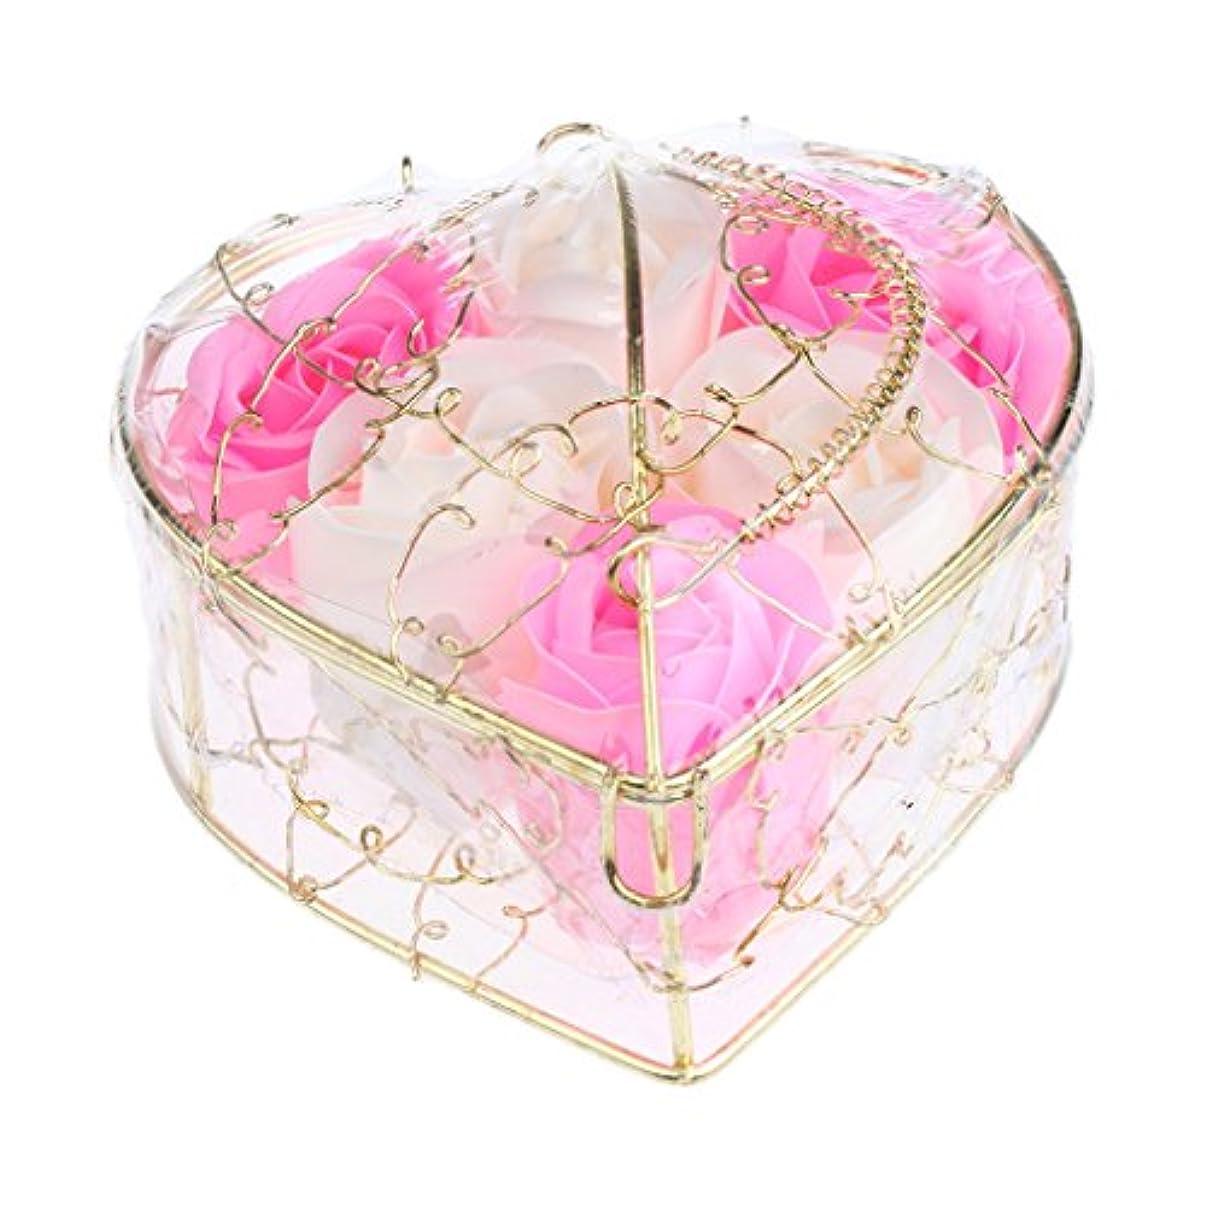 衰えるフロー戻る母の日のための6個のバラ石鹸の花びらのギフトボックス - ピンクとホワイト